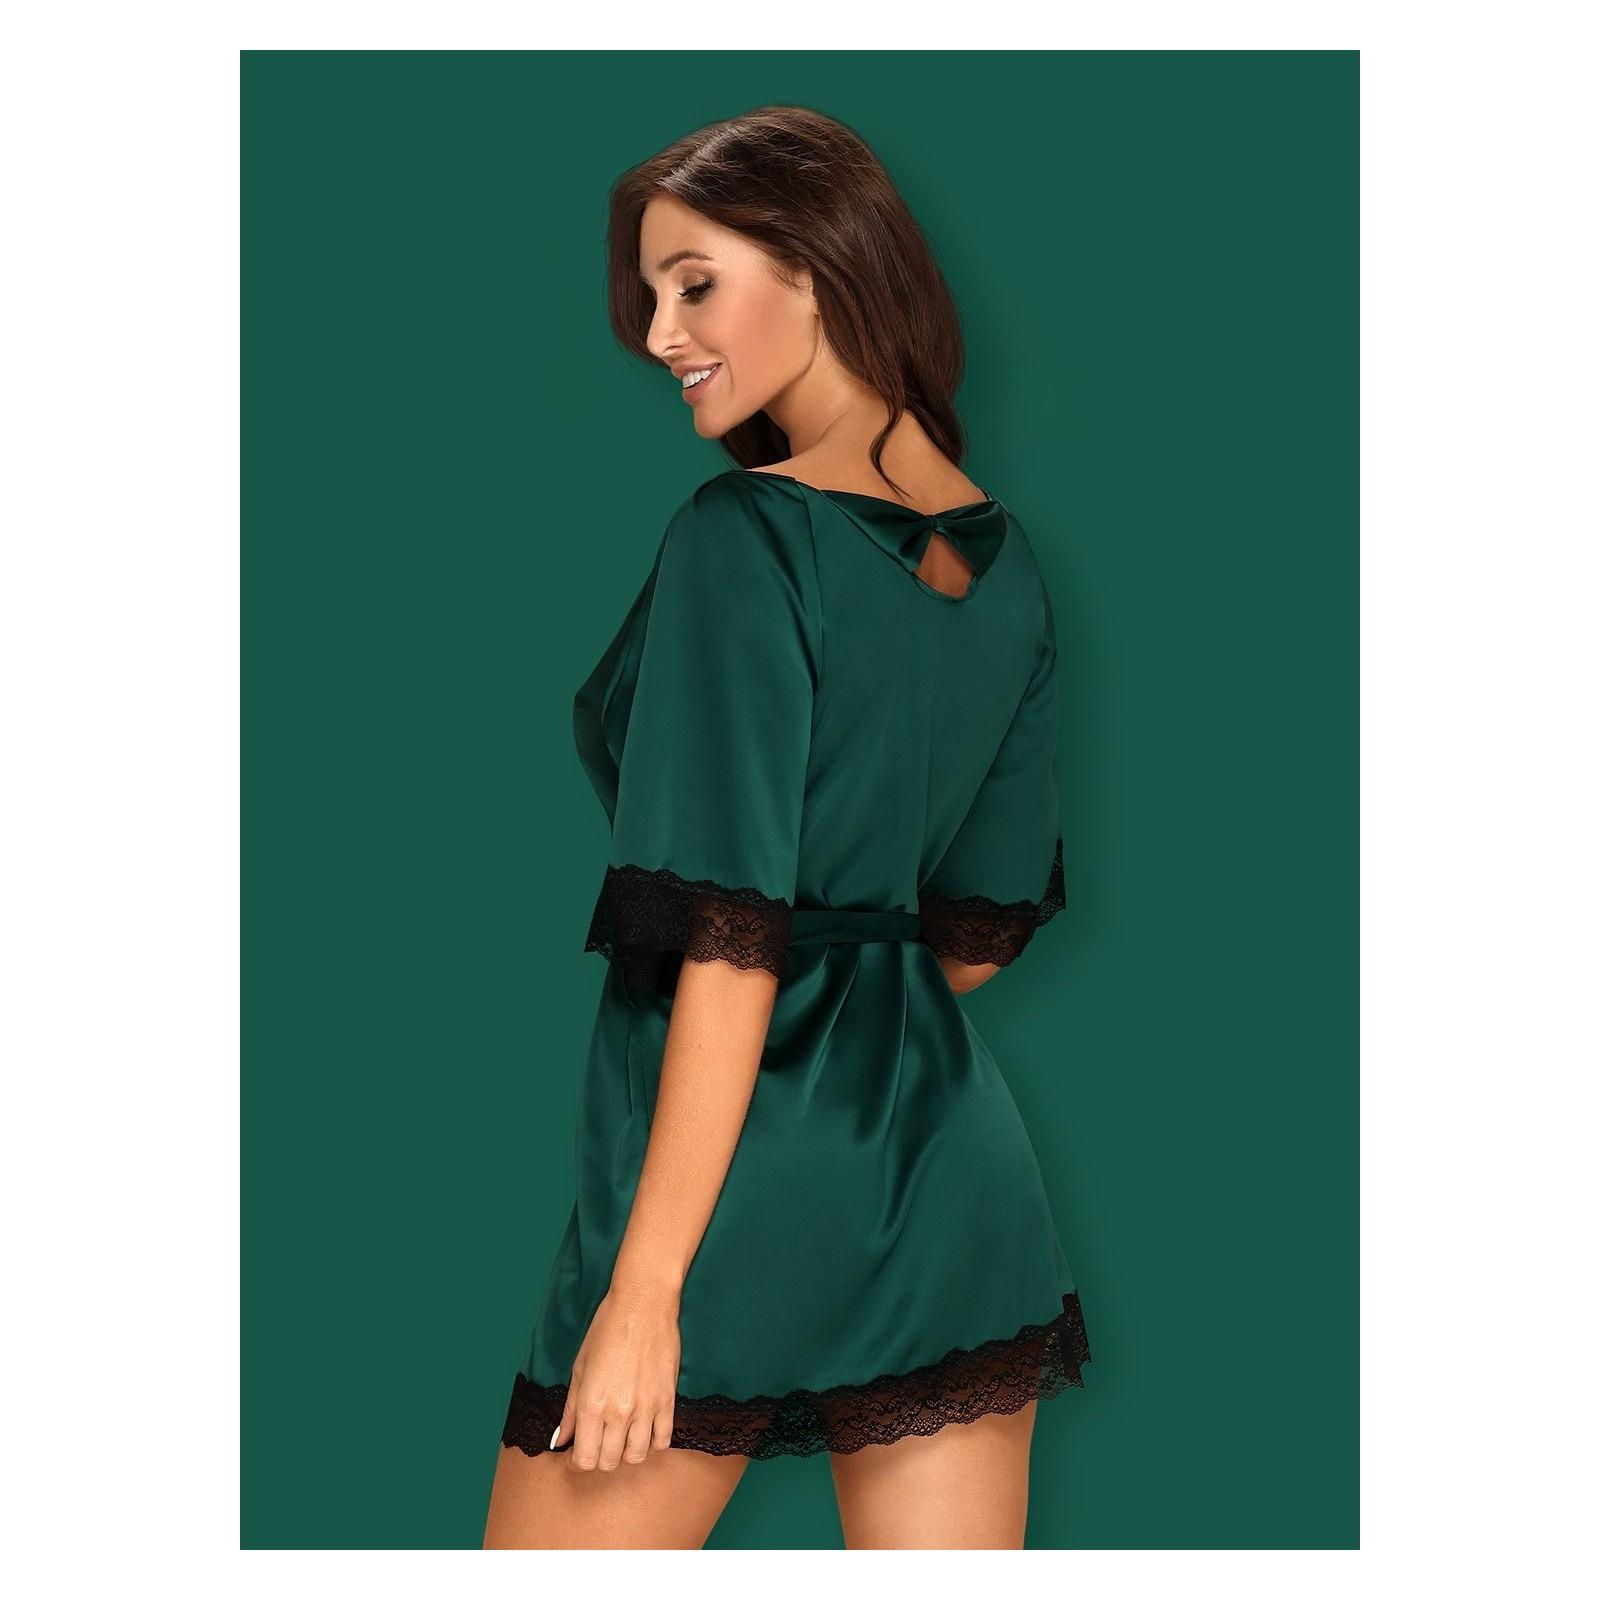 Sensuelia Robe grün - 2 - Vorschaubild